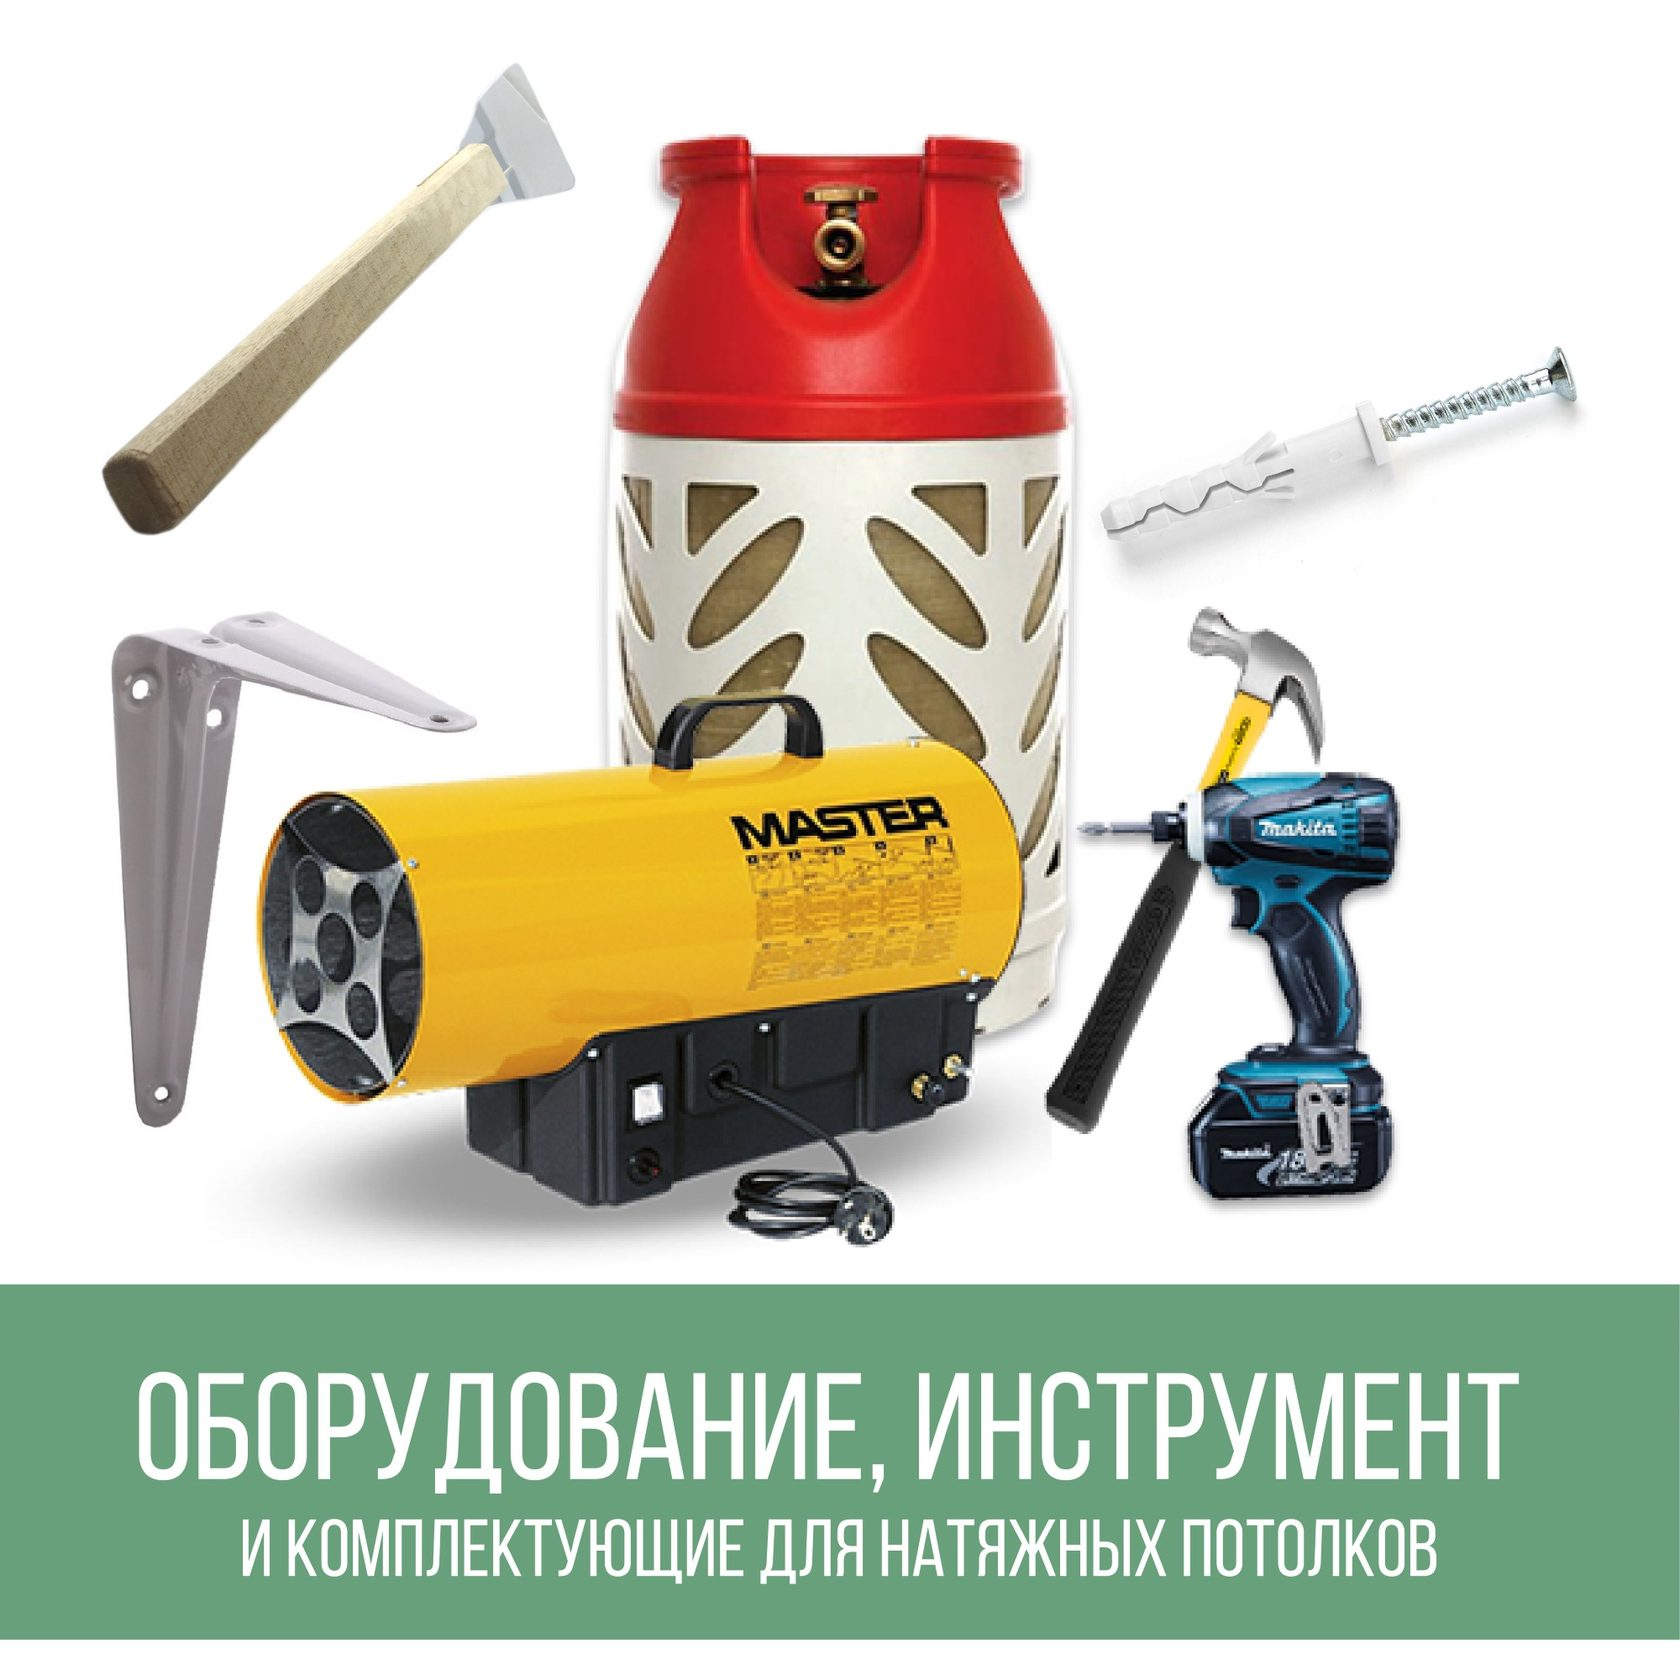 Оборудование, инструмент и комплектующие для натяжных потолков от Decor Design